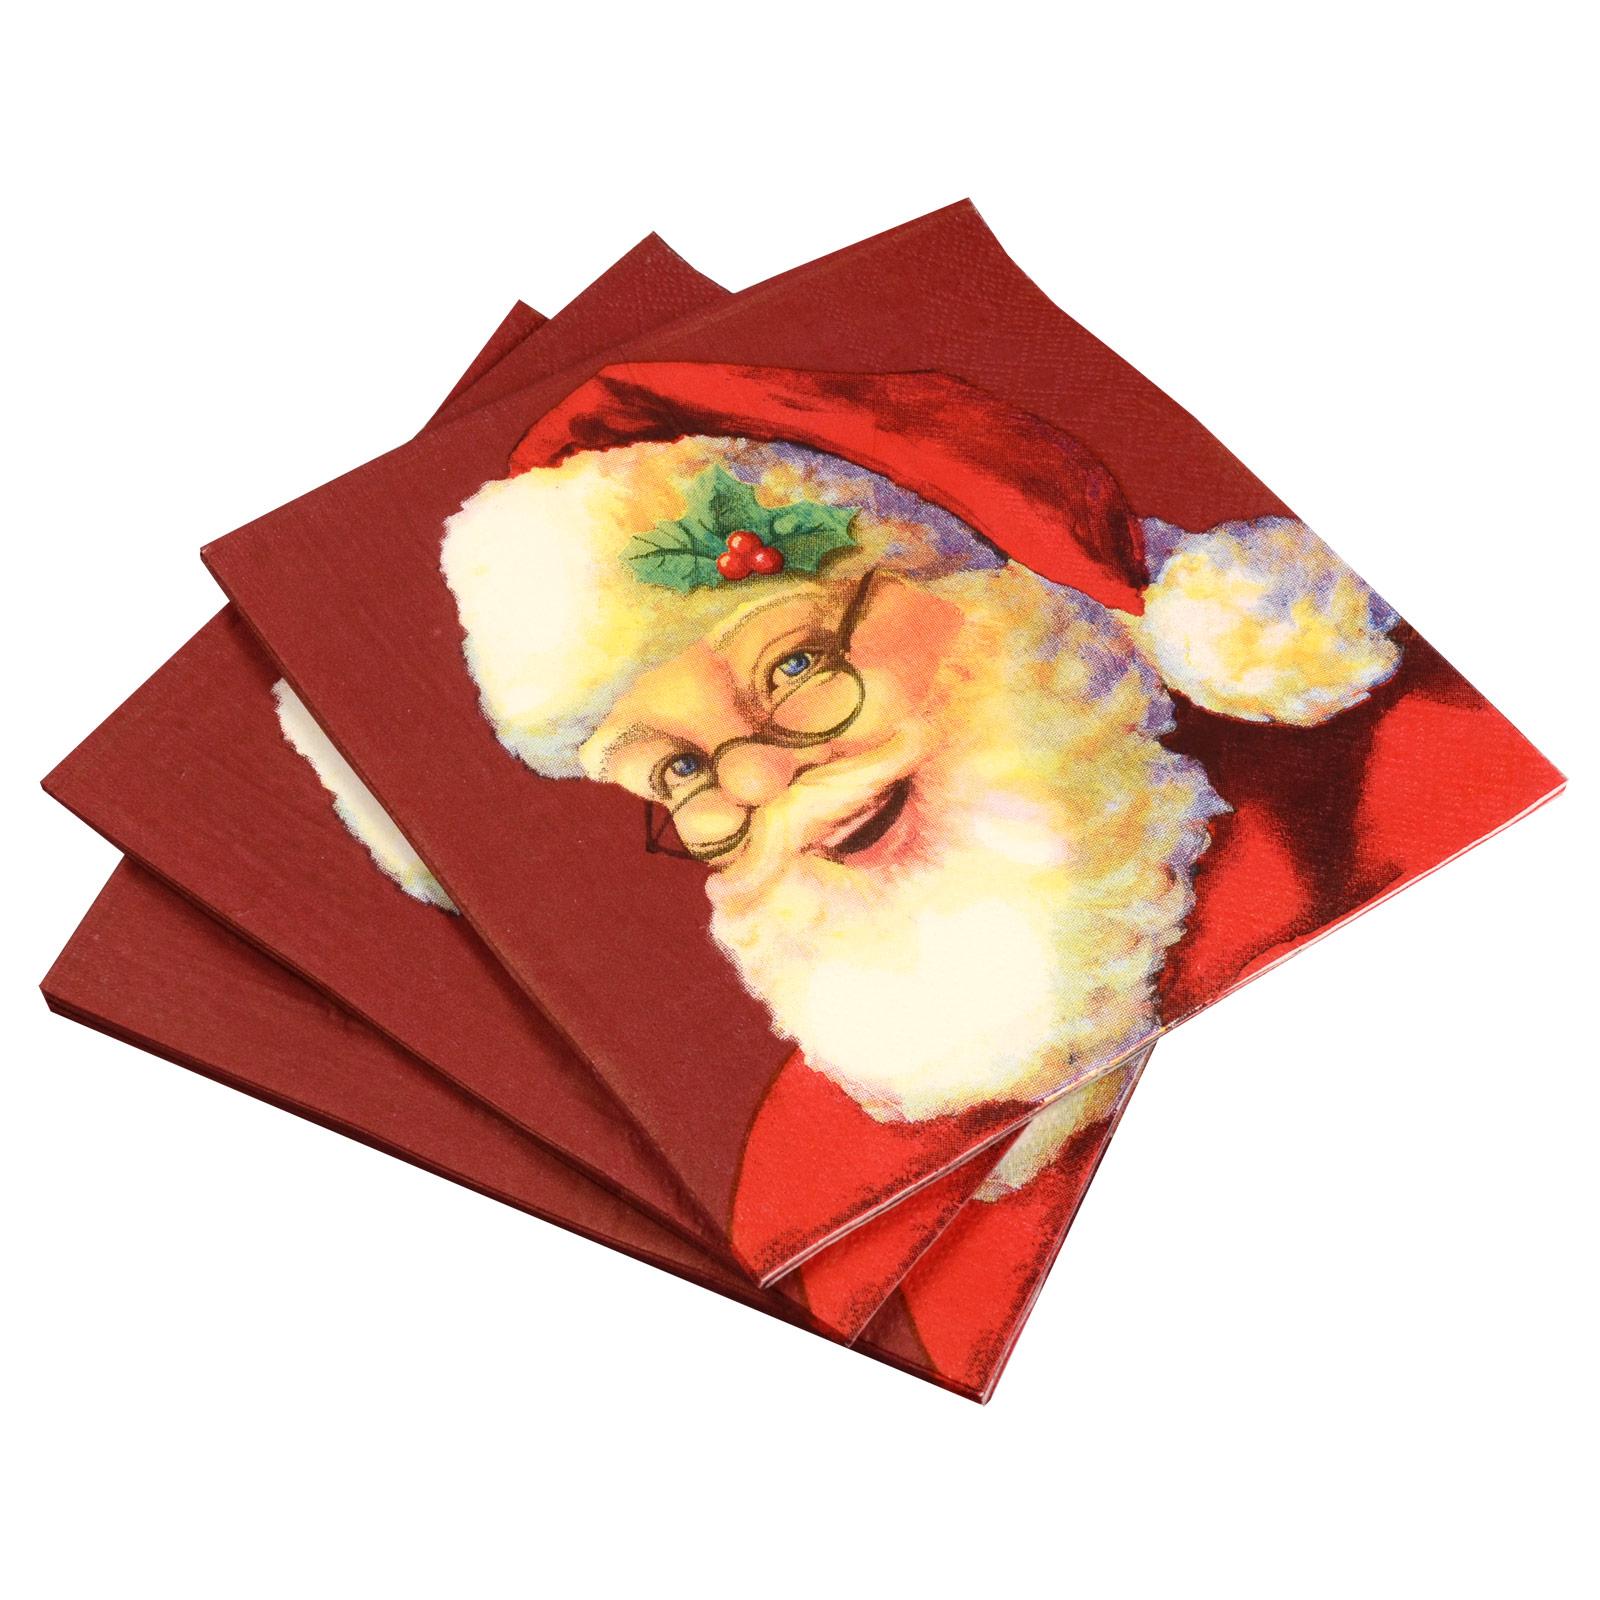 3-Ply-Square-Disposable-Paper-Napkins-Serviettes-Party-  sc 1 st  eBay & 3 Ply Square Disposable Paper Napkins Serviettes Party Tableware ...